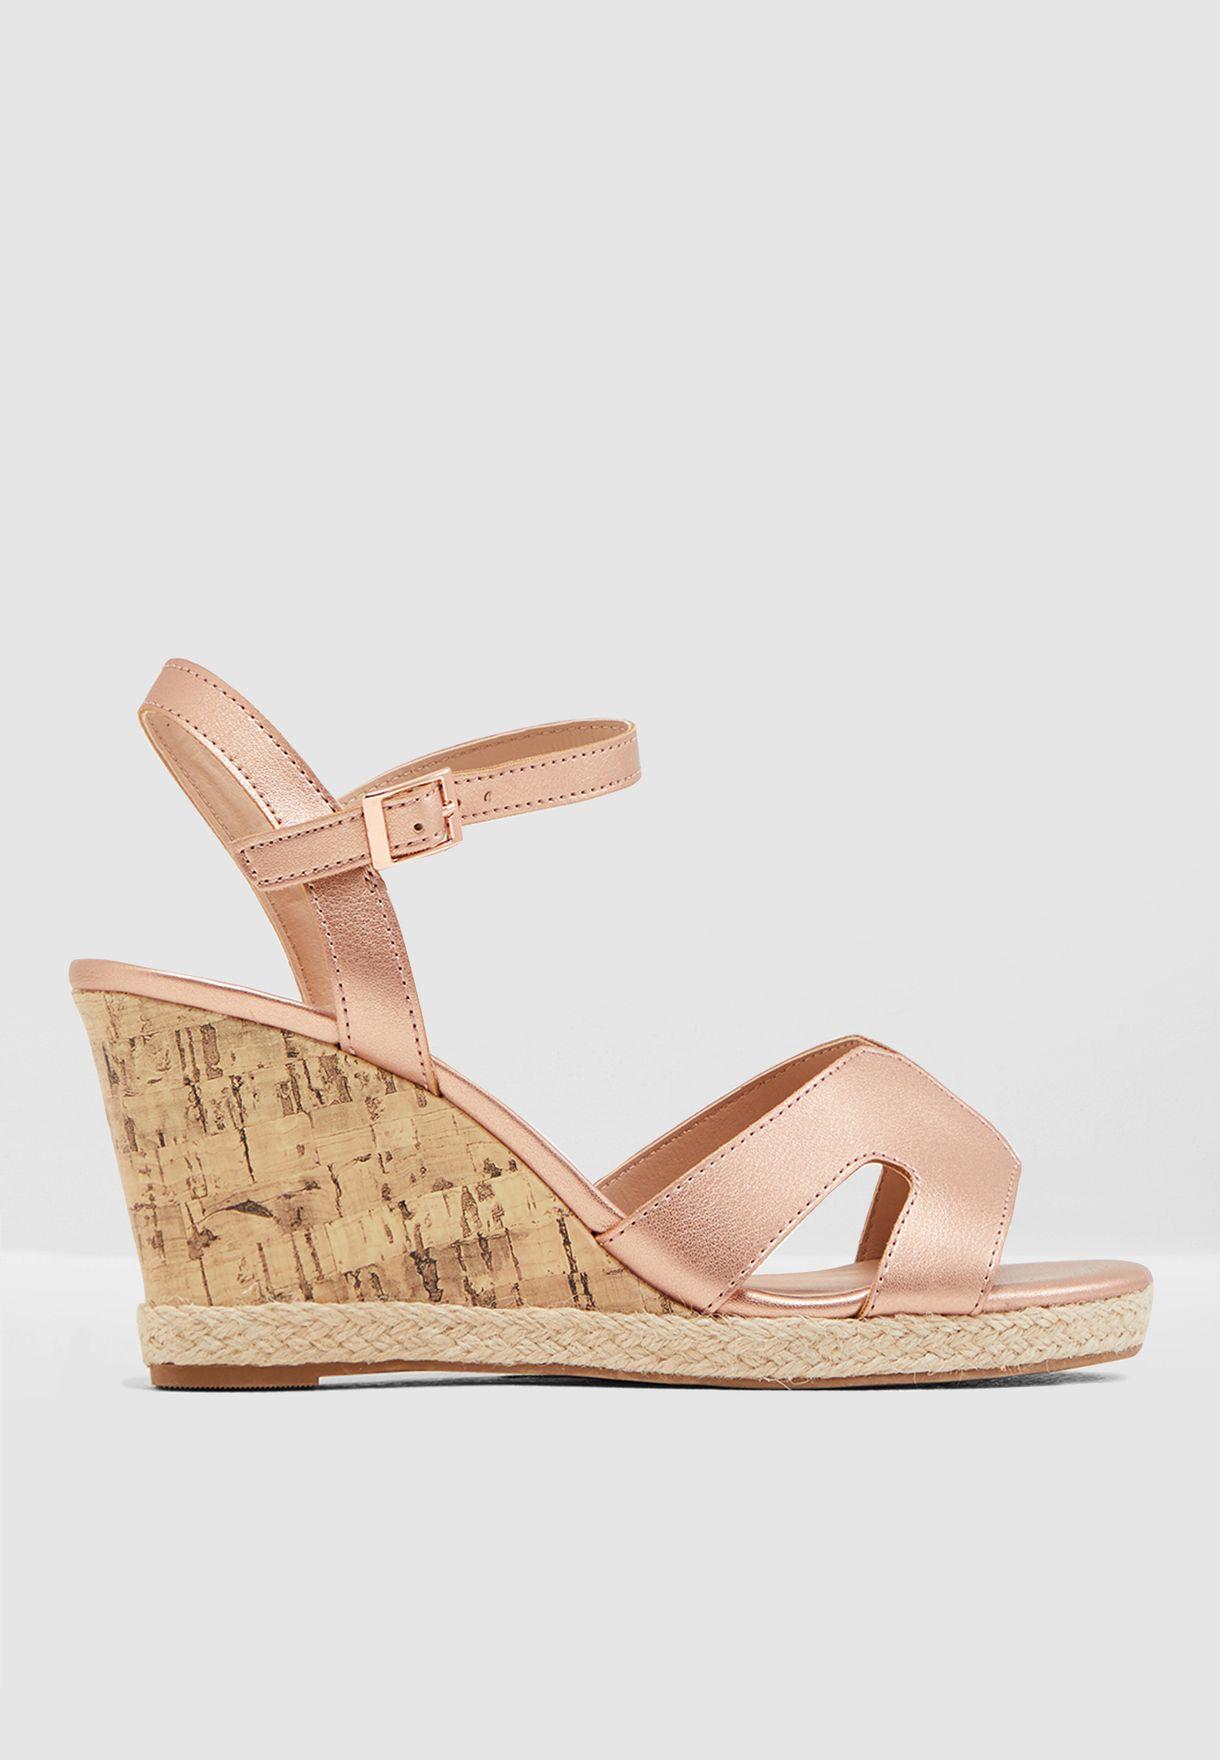 Wide Fit Potter Wedge Sandal - Rosegold